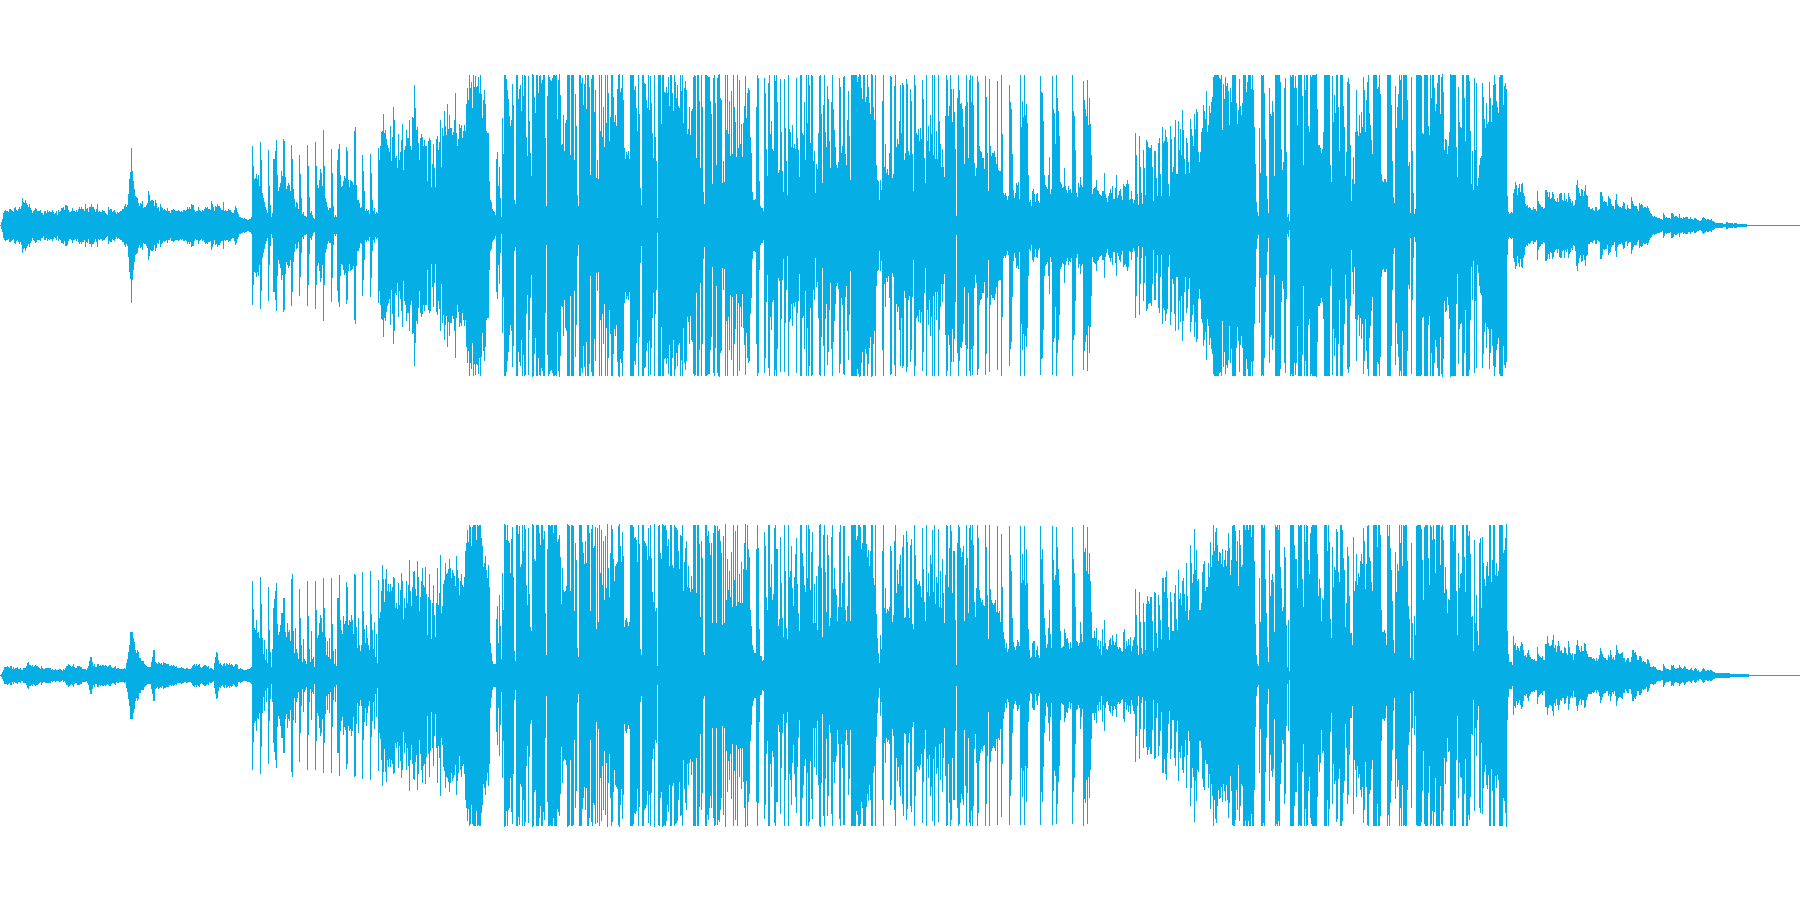 和とクラブ要素が混ざったビートの再生済みの波形